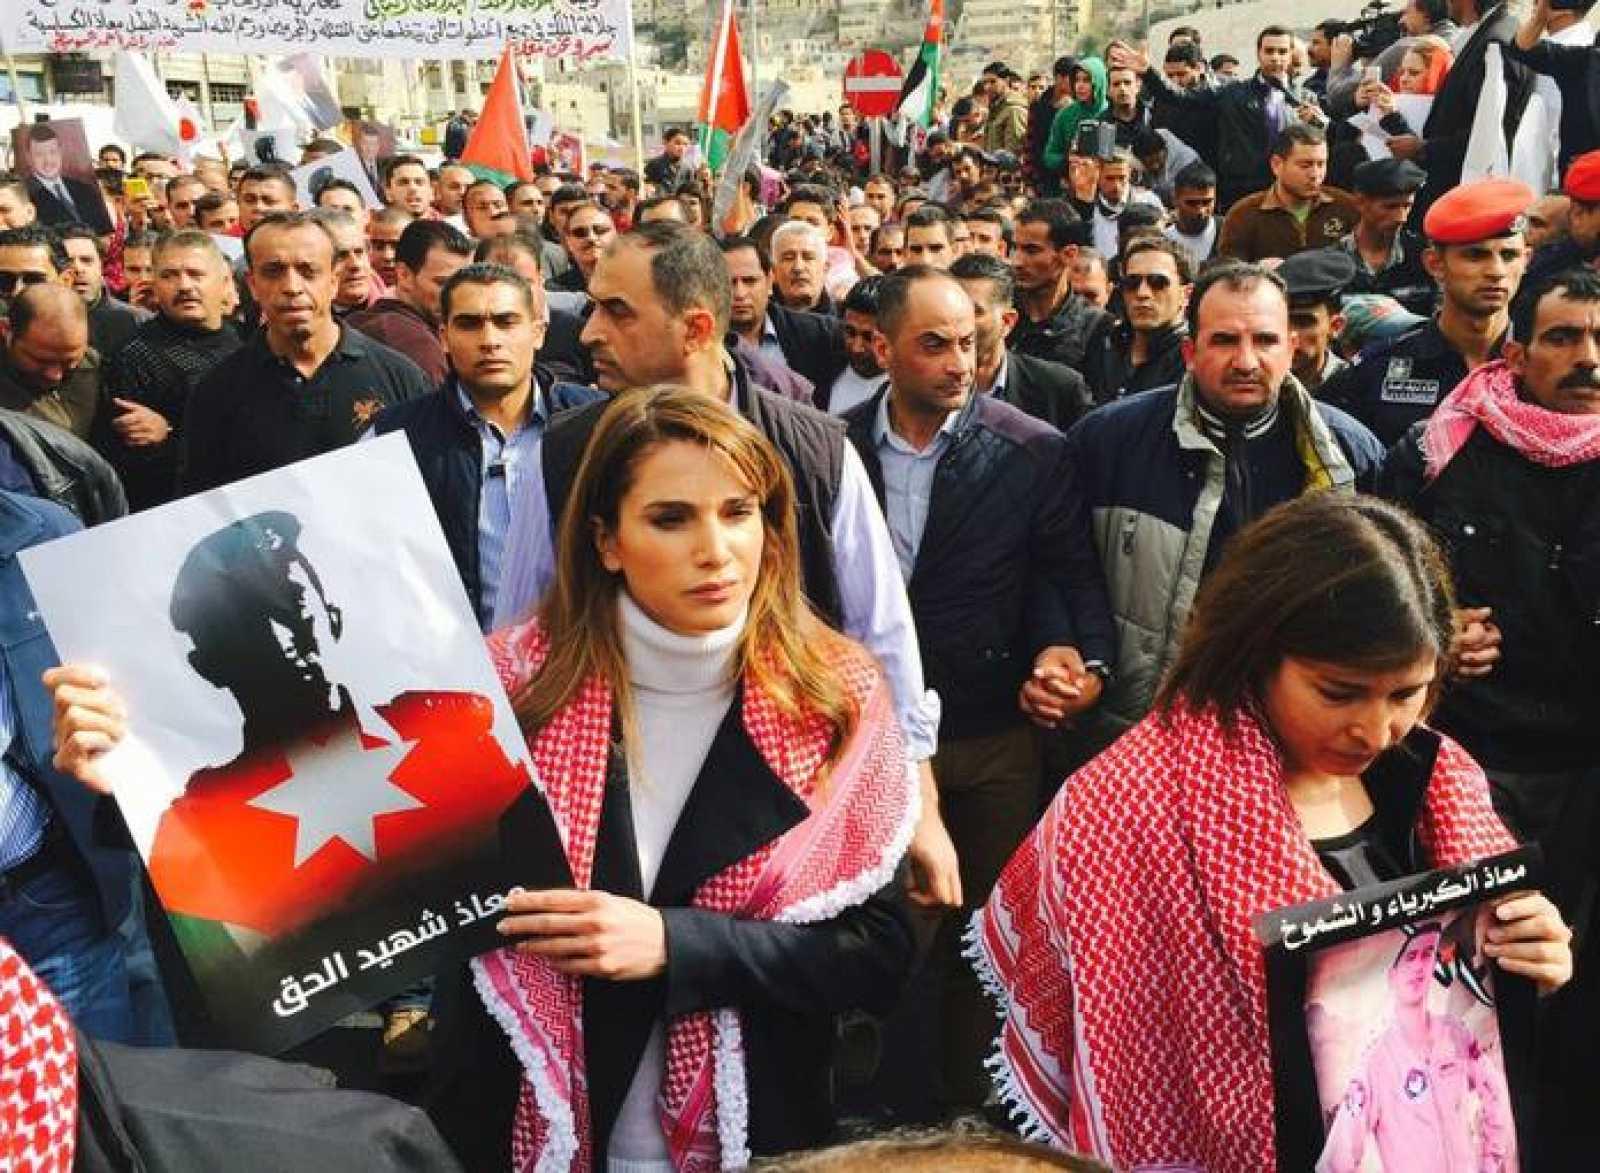 La reina Rania de Jordania encabeza una marcha junto a miles de jordanos para protestar contra el asesinato del piloto por el Estado Islámico.